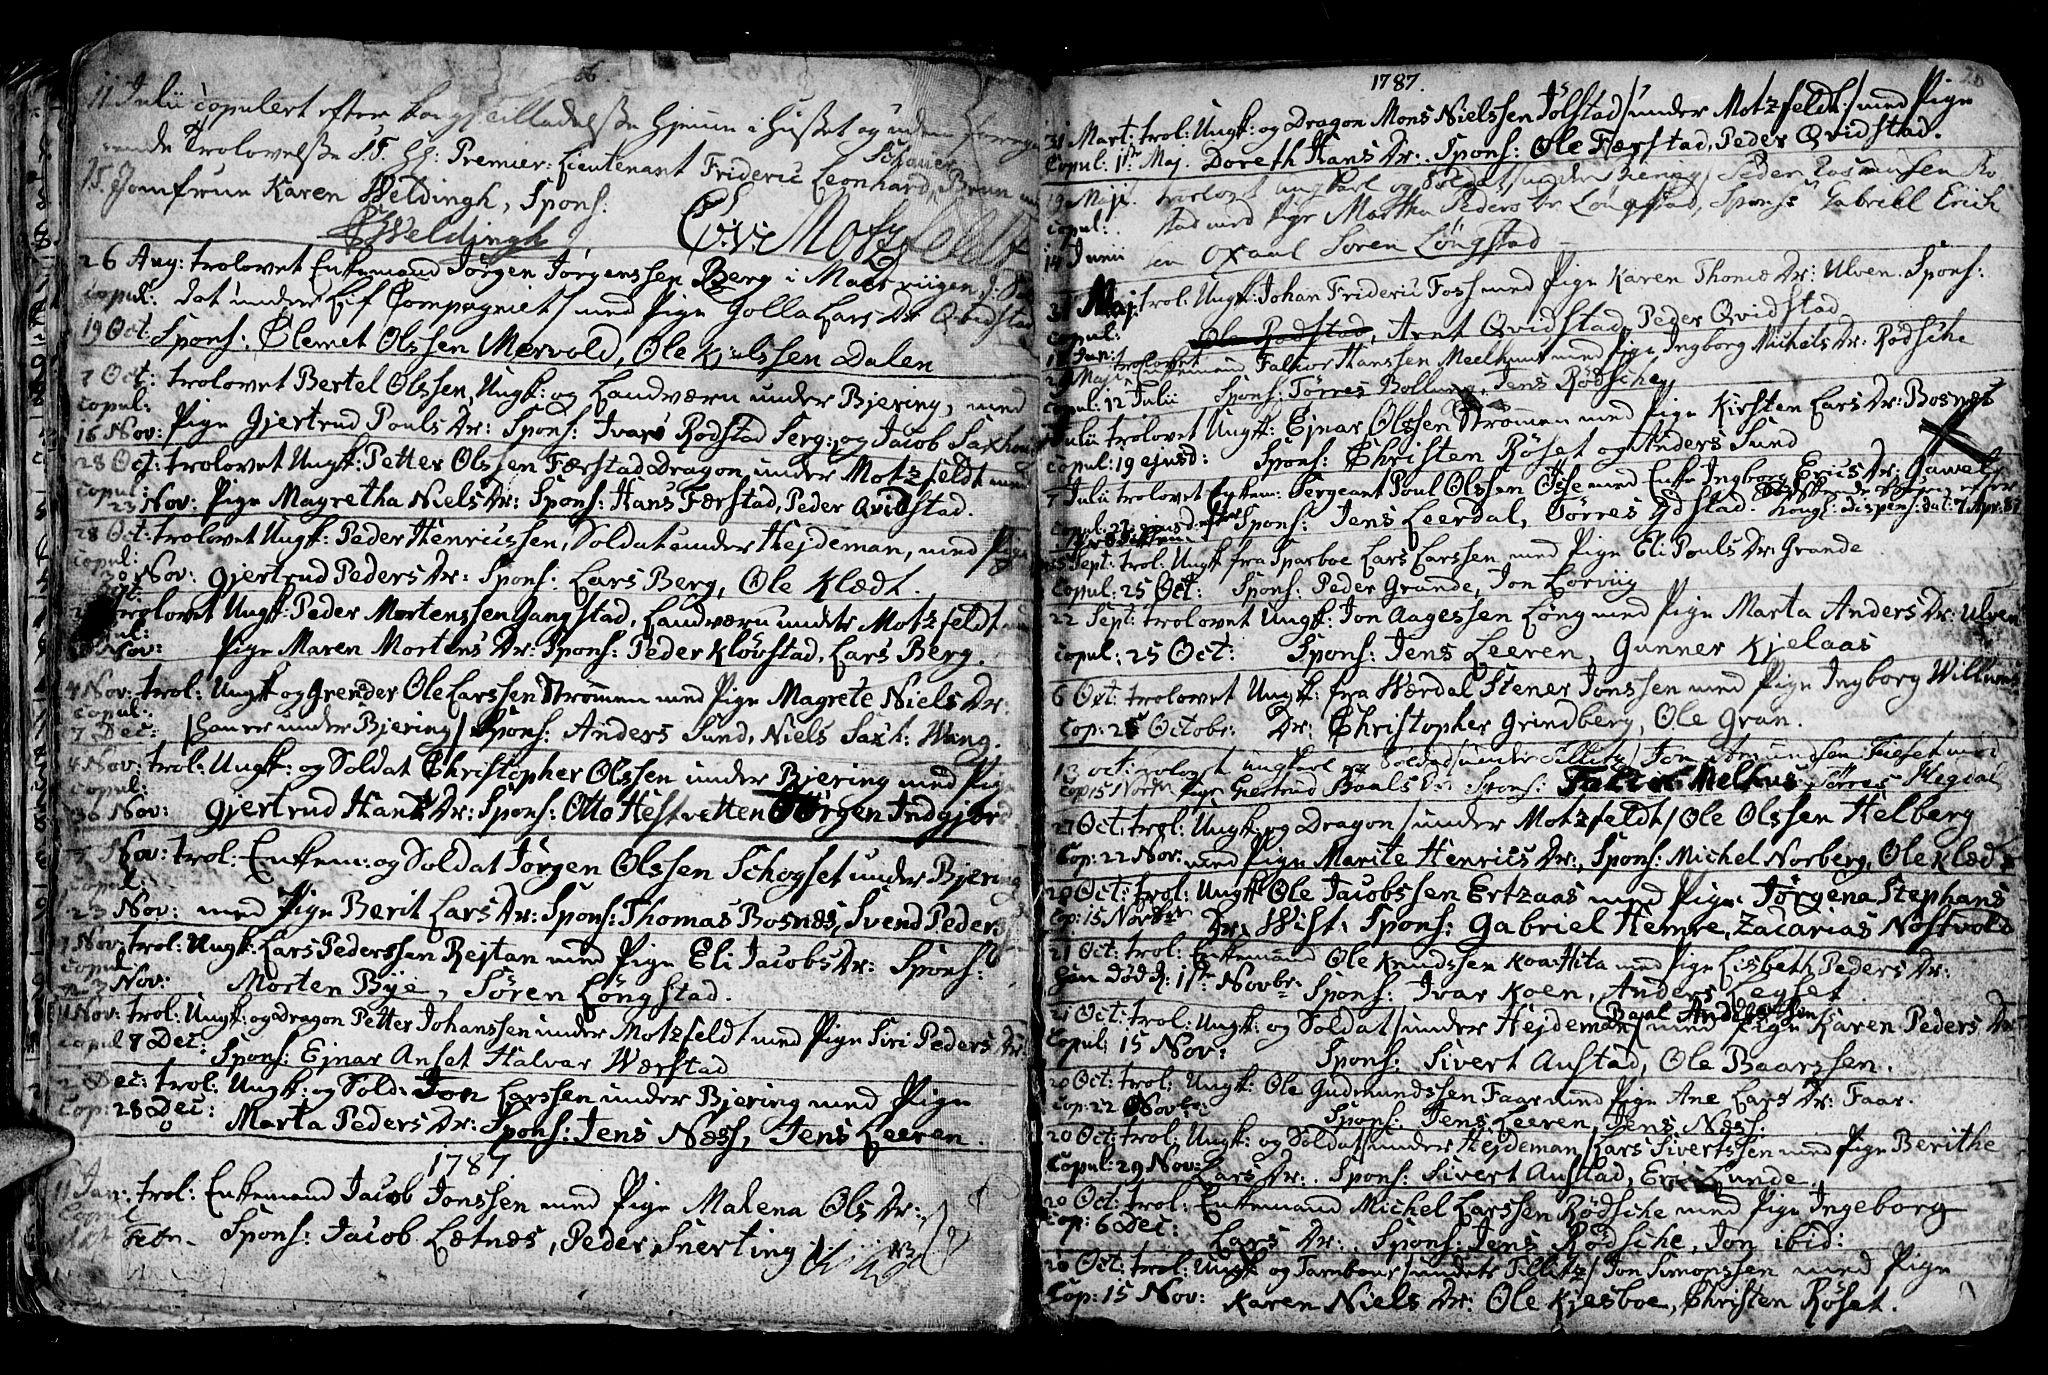 SAT, Ministerialprotokoller, klokkerbøker og fødselsregistre - Nord-Trøndelag, 730/L0273: Ministerialbok nr. 730A02, 1762-1802, s. 20